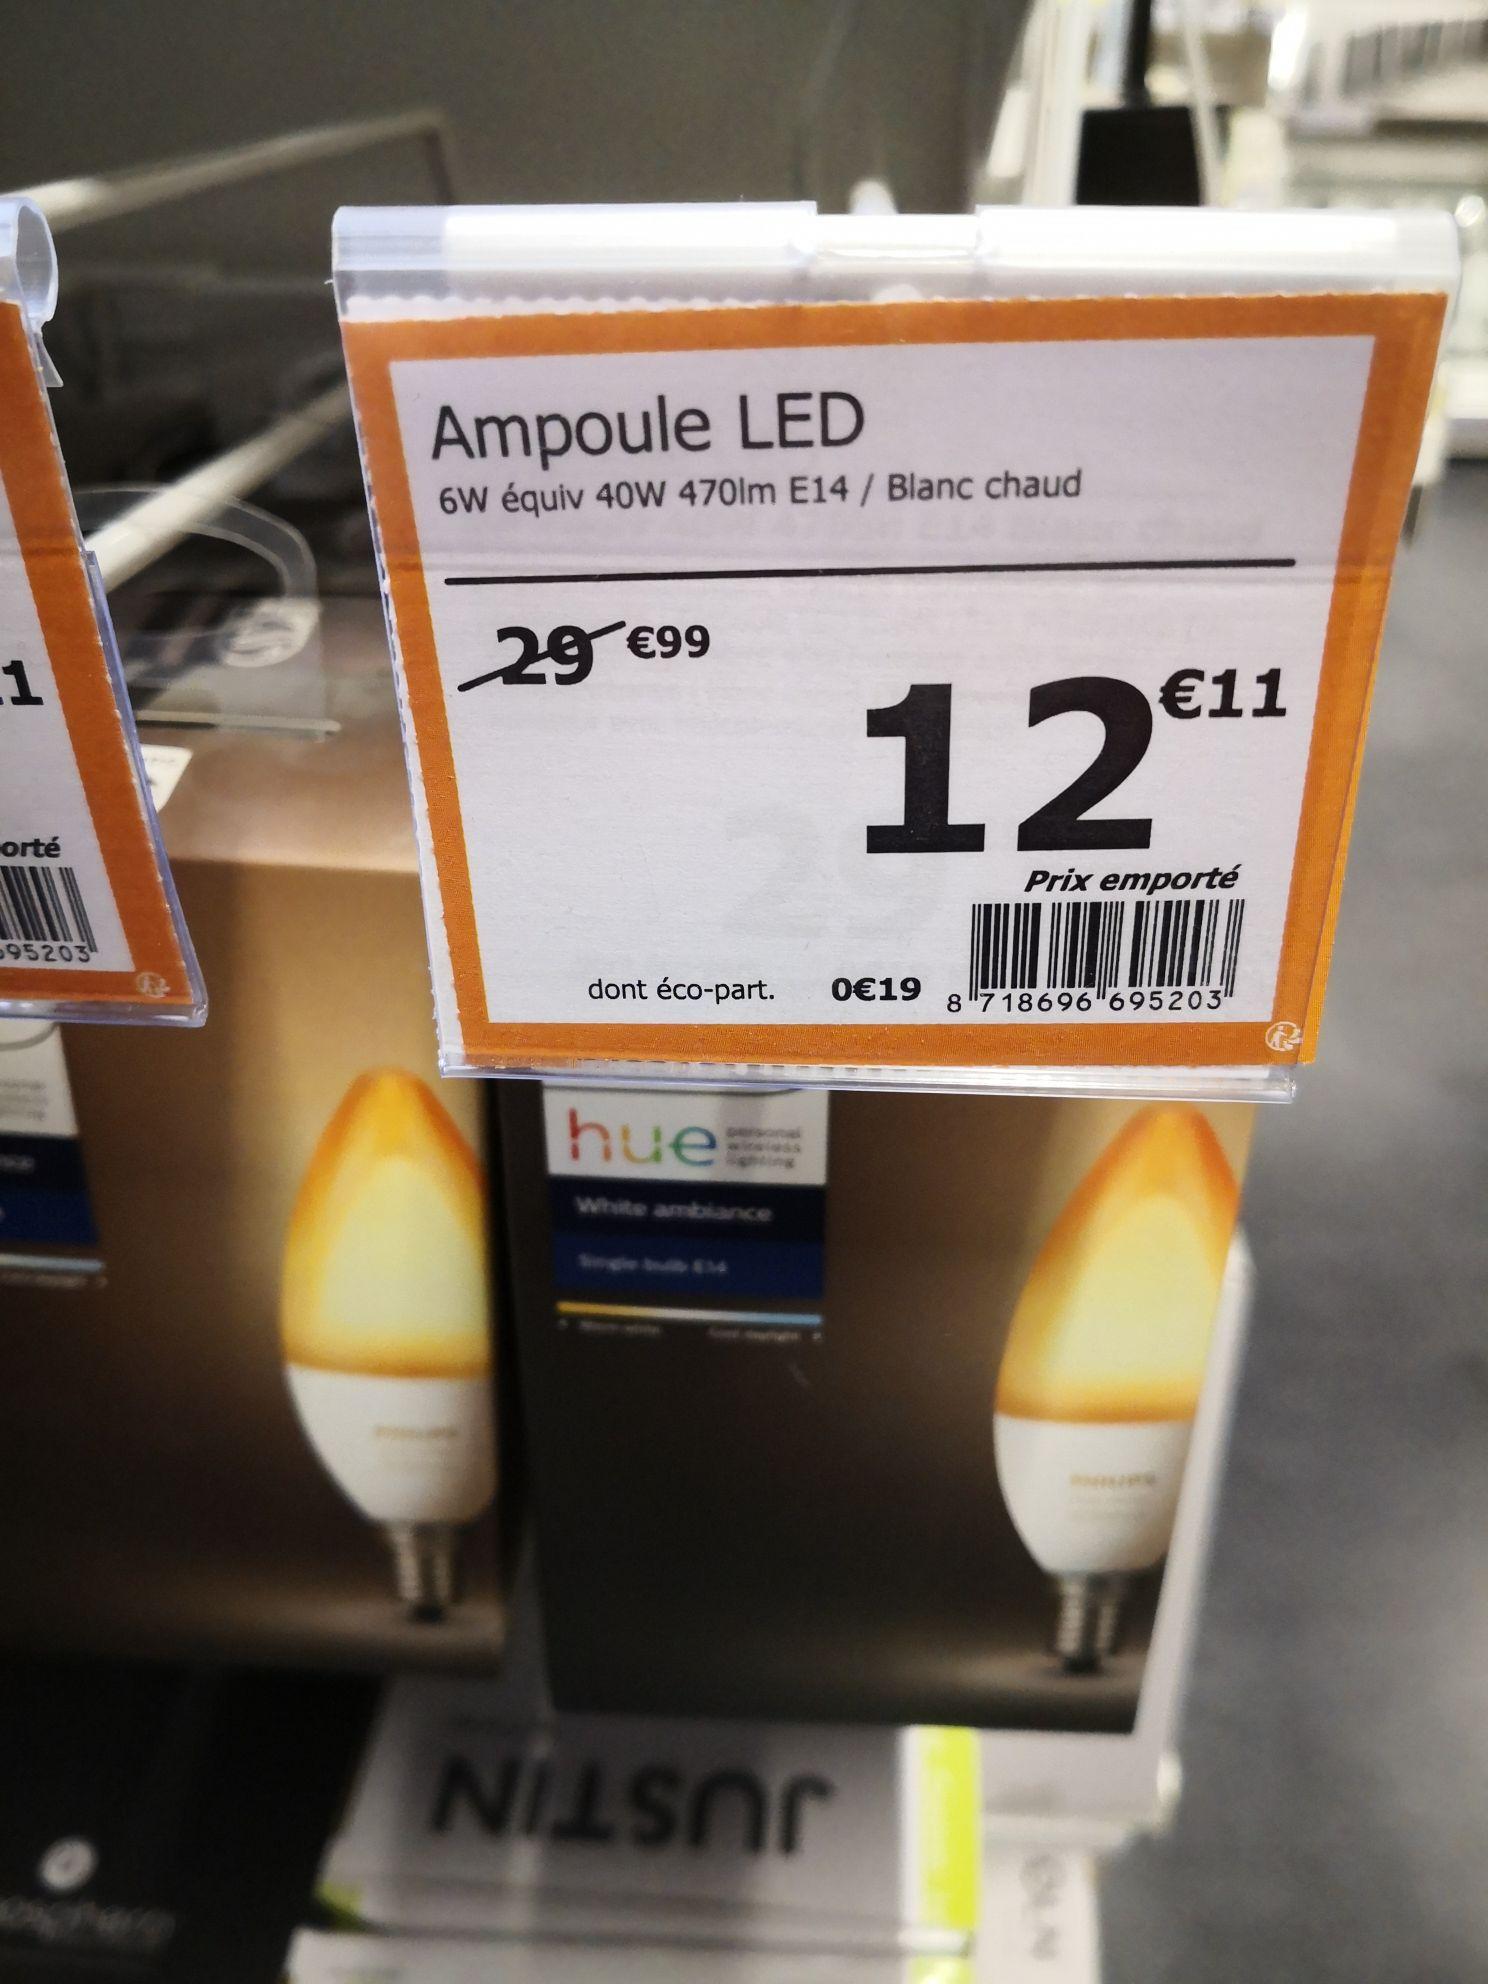 Ampoule LED Philips Hue White Ambiance (E14, GU10) - La Queue-en-Brie (94)